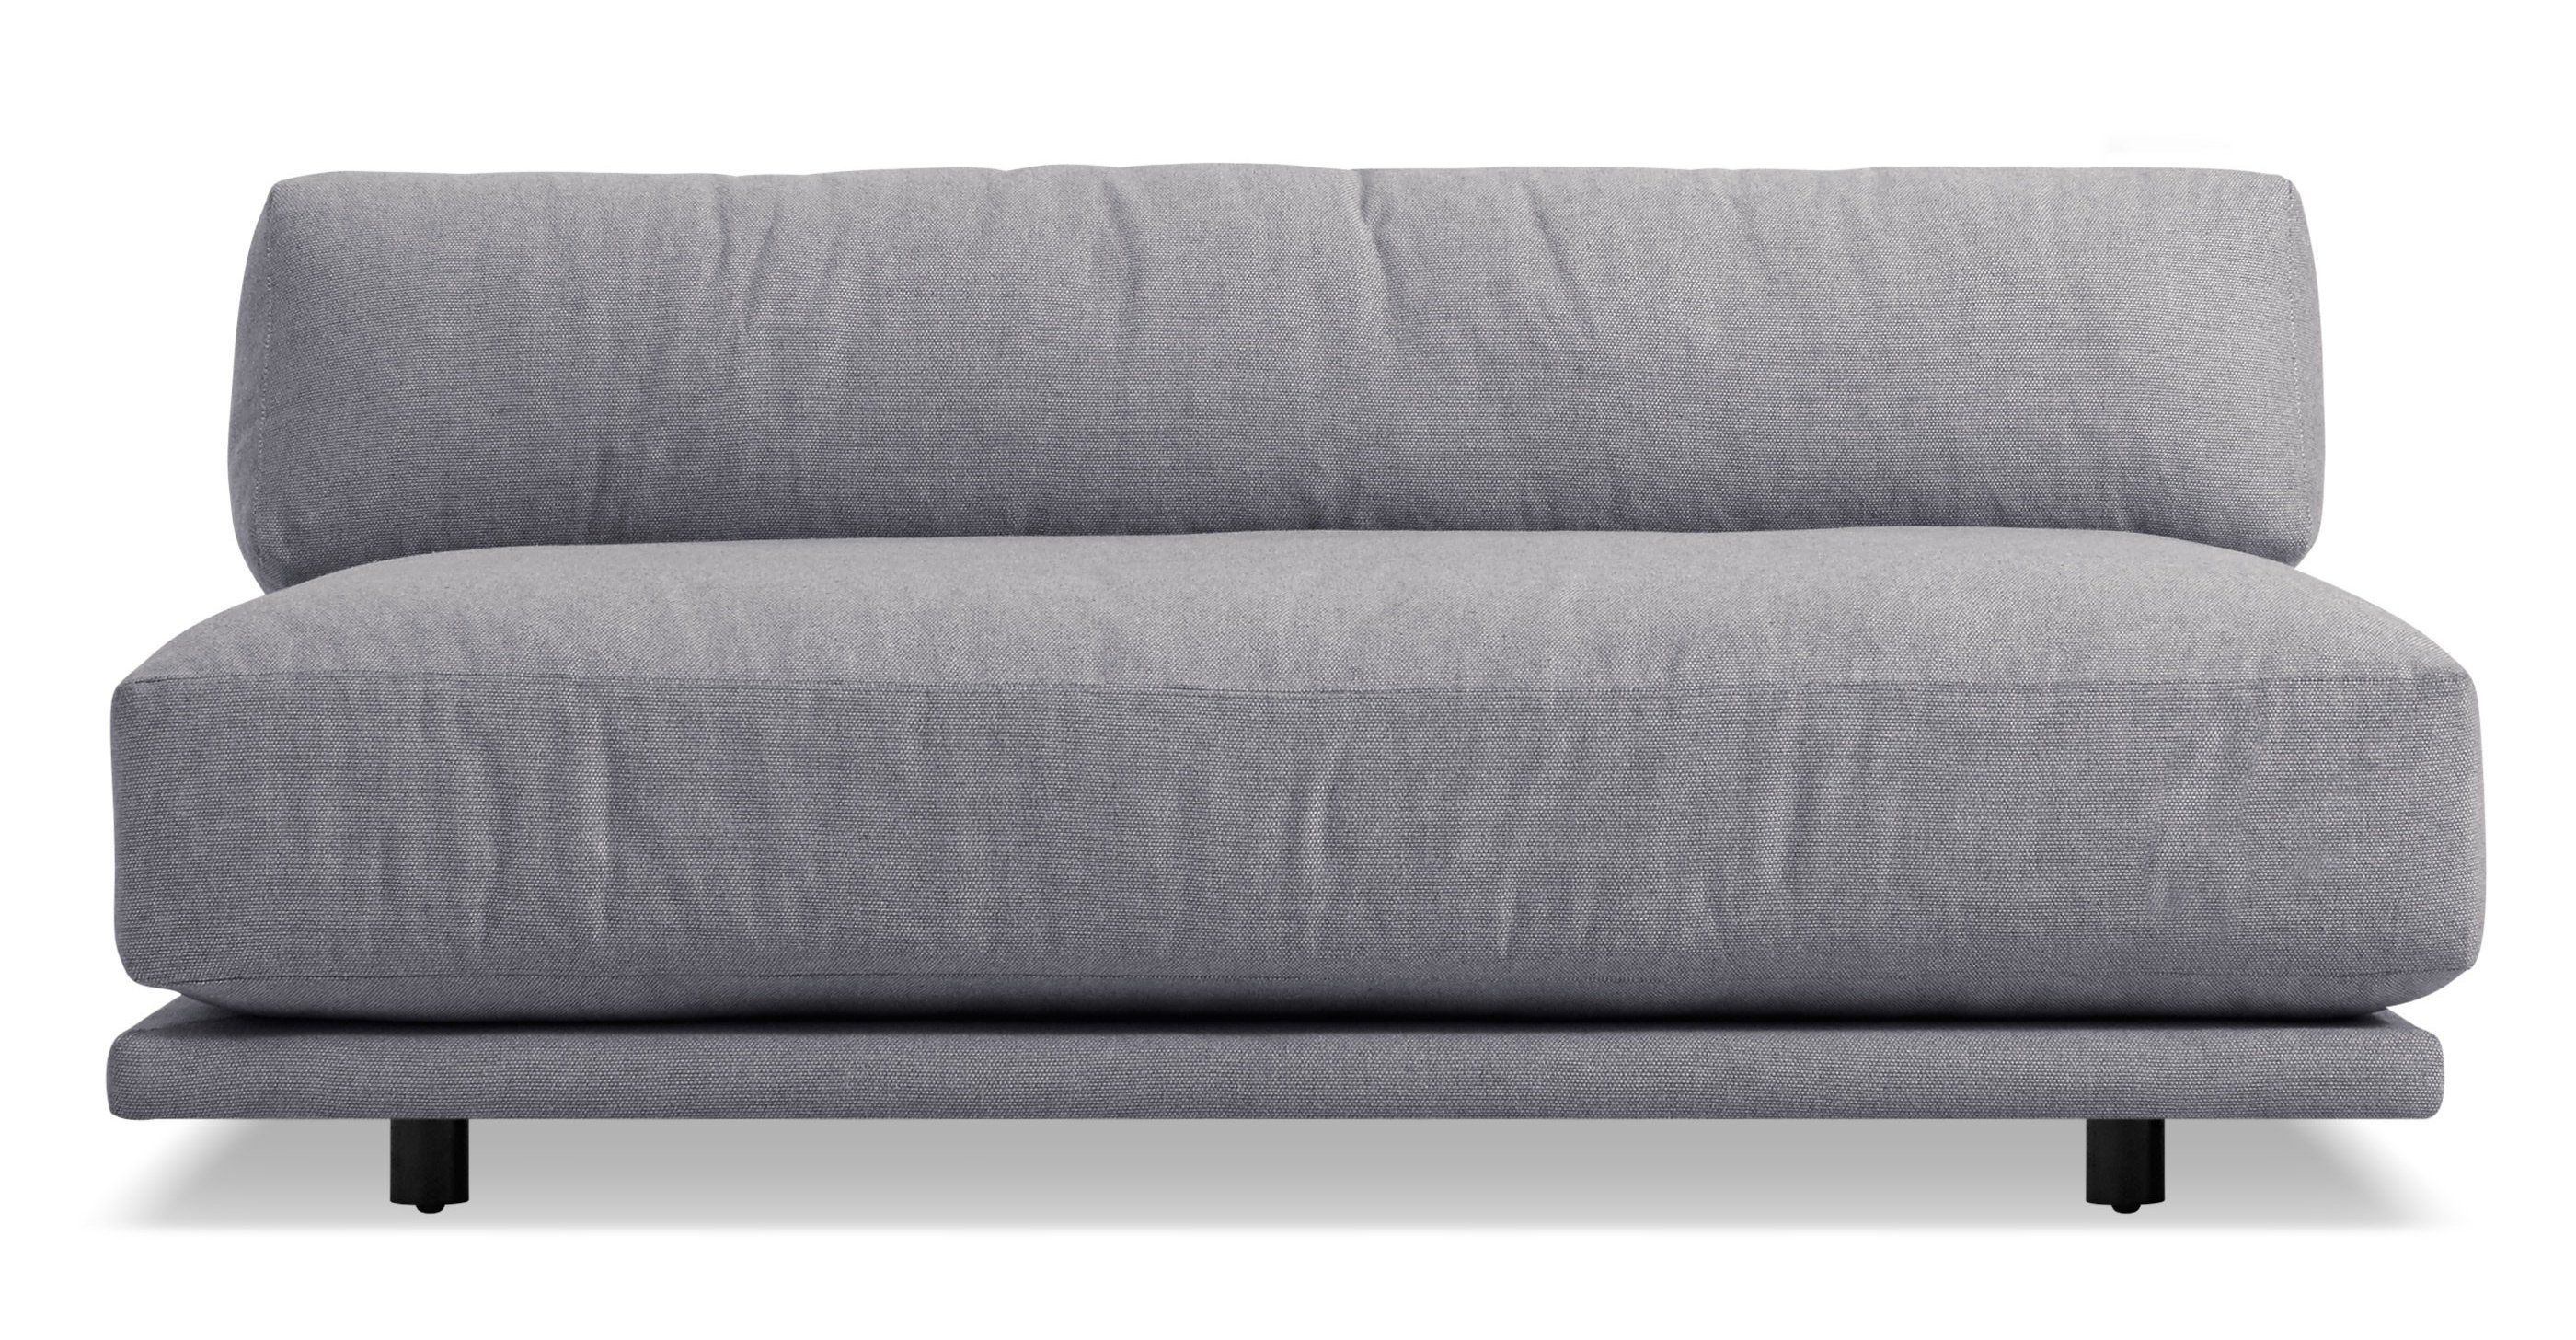 Sunday Armless Sofa Armless Sofa Interior Design Apartment Interior Design